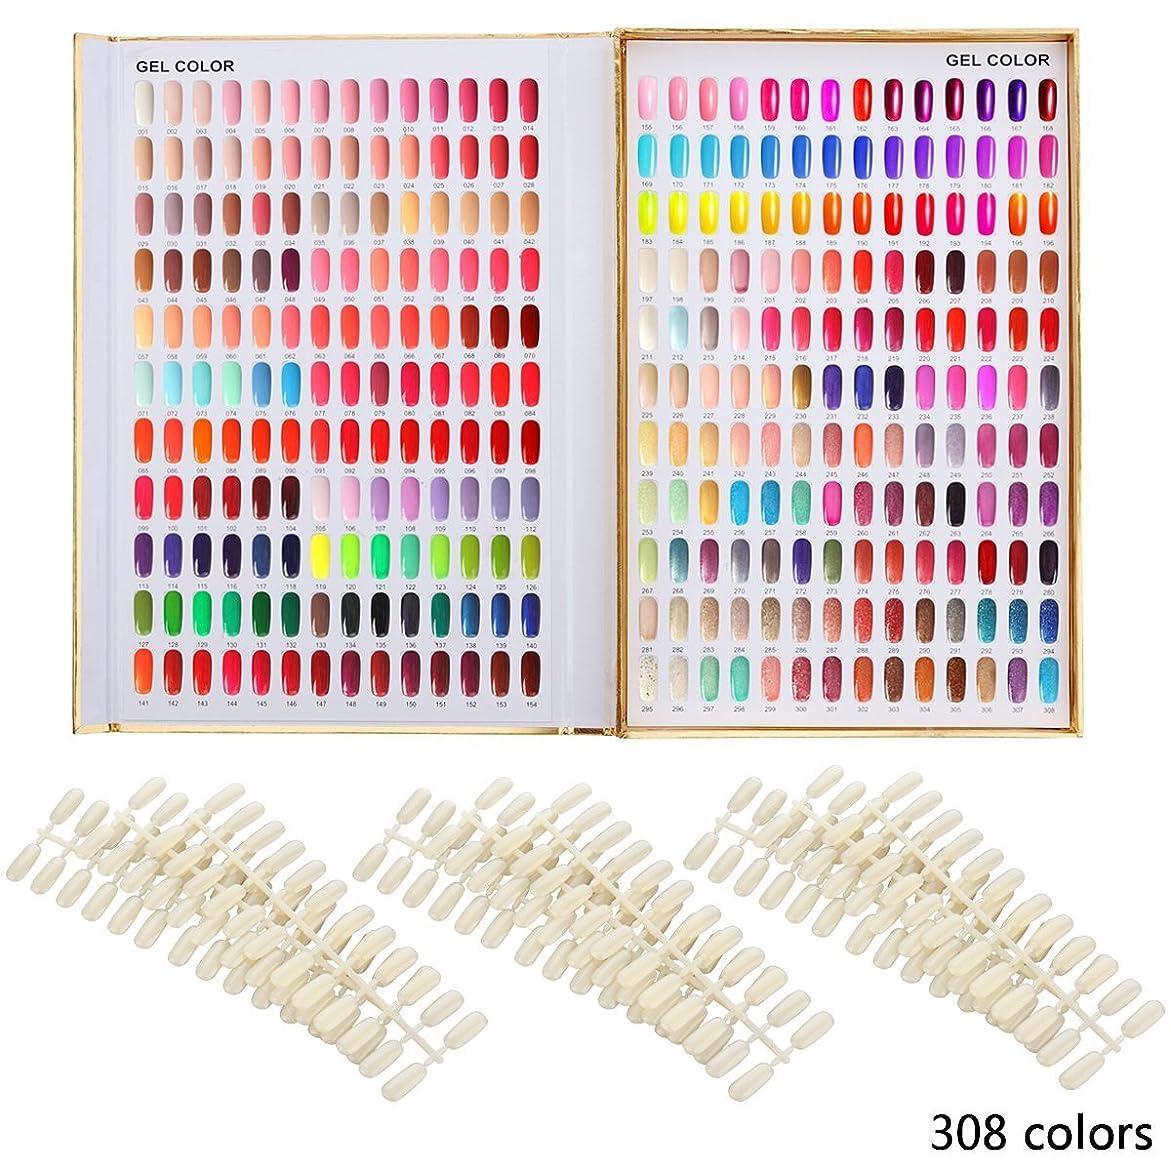 君主風味設置カラーチャート ブック ネイルマニキュアカラー色見本 120色/216色/308色 サンプル帳/色見本帳 ゴールデン (308)